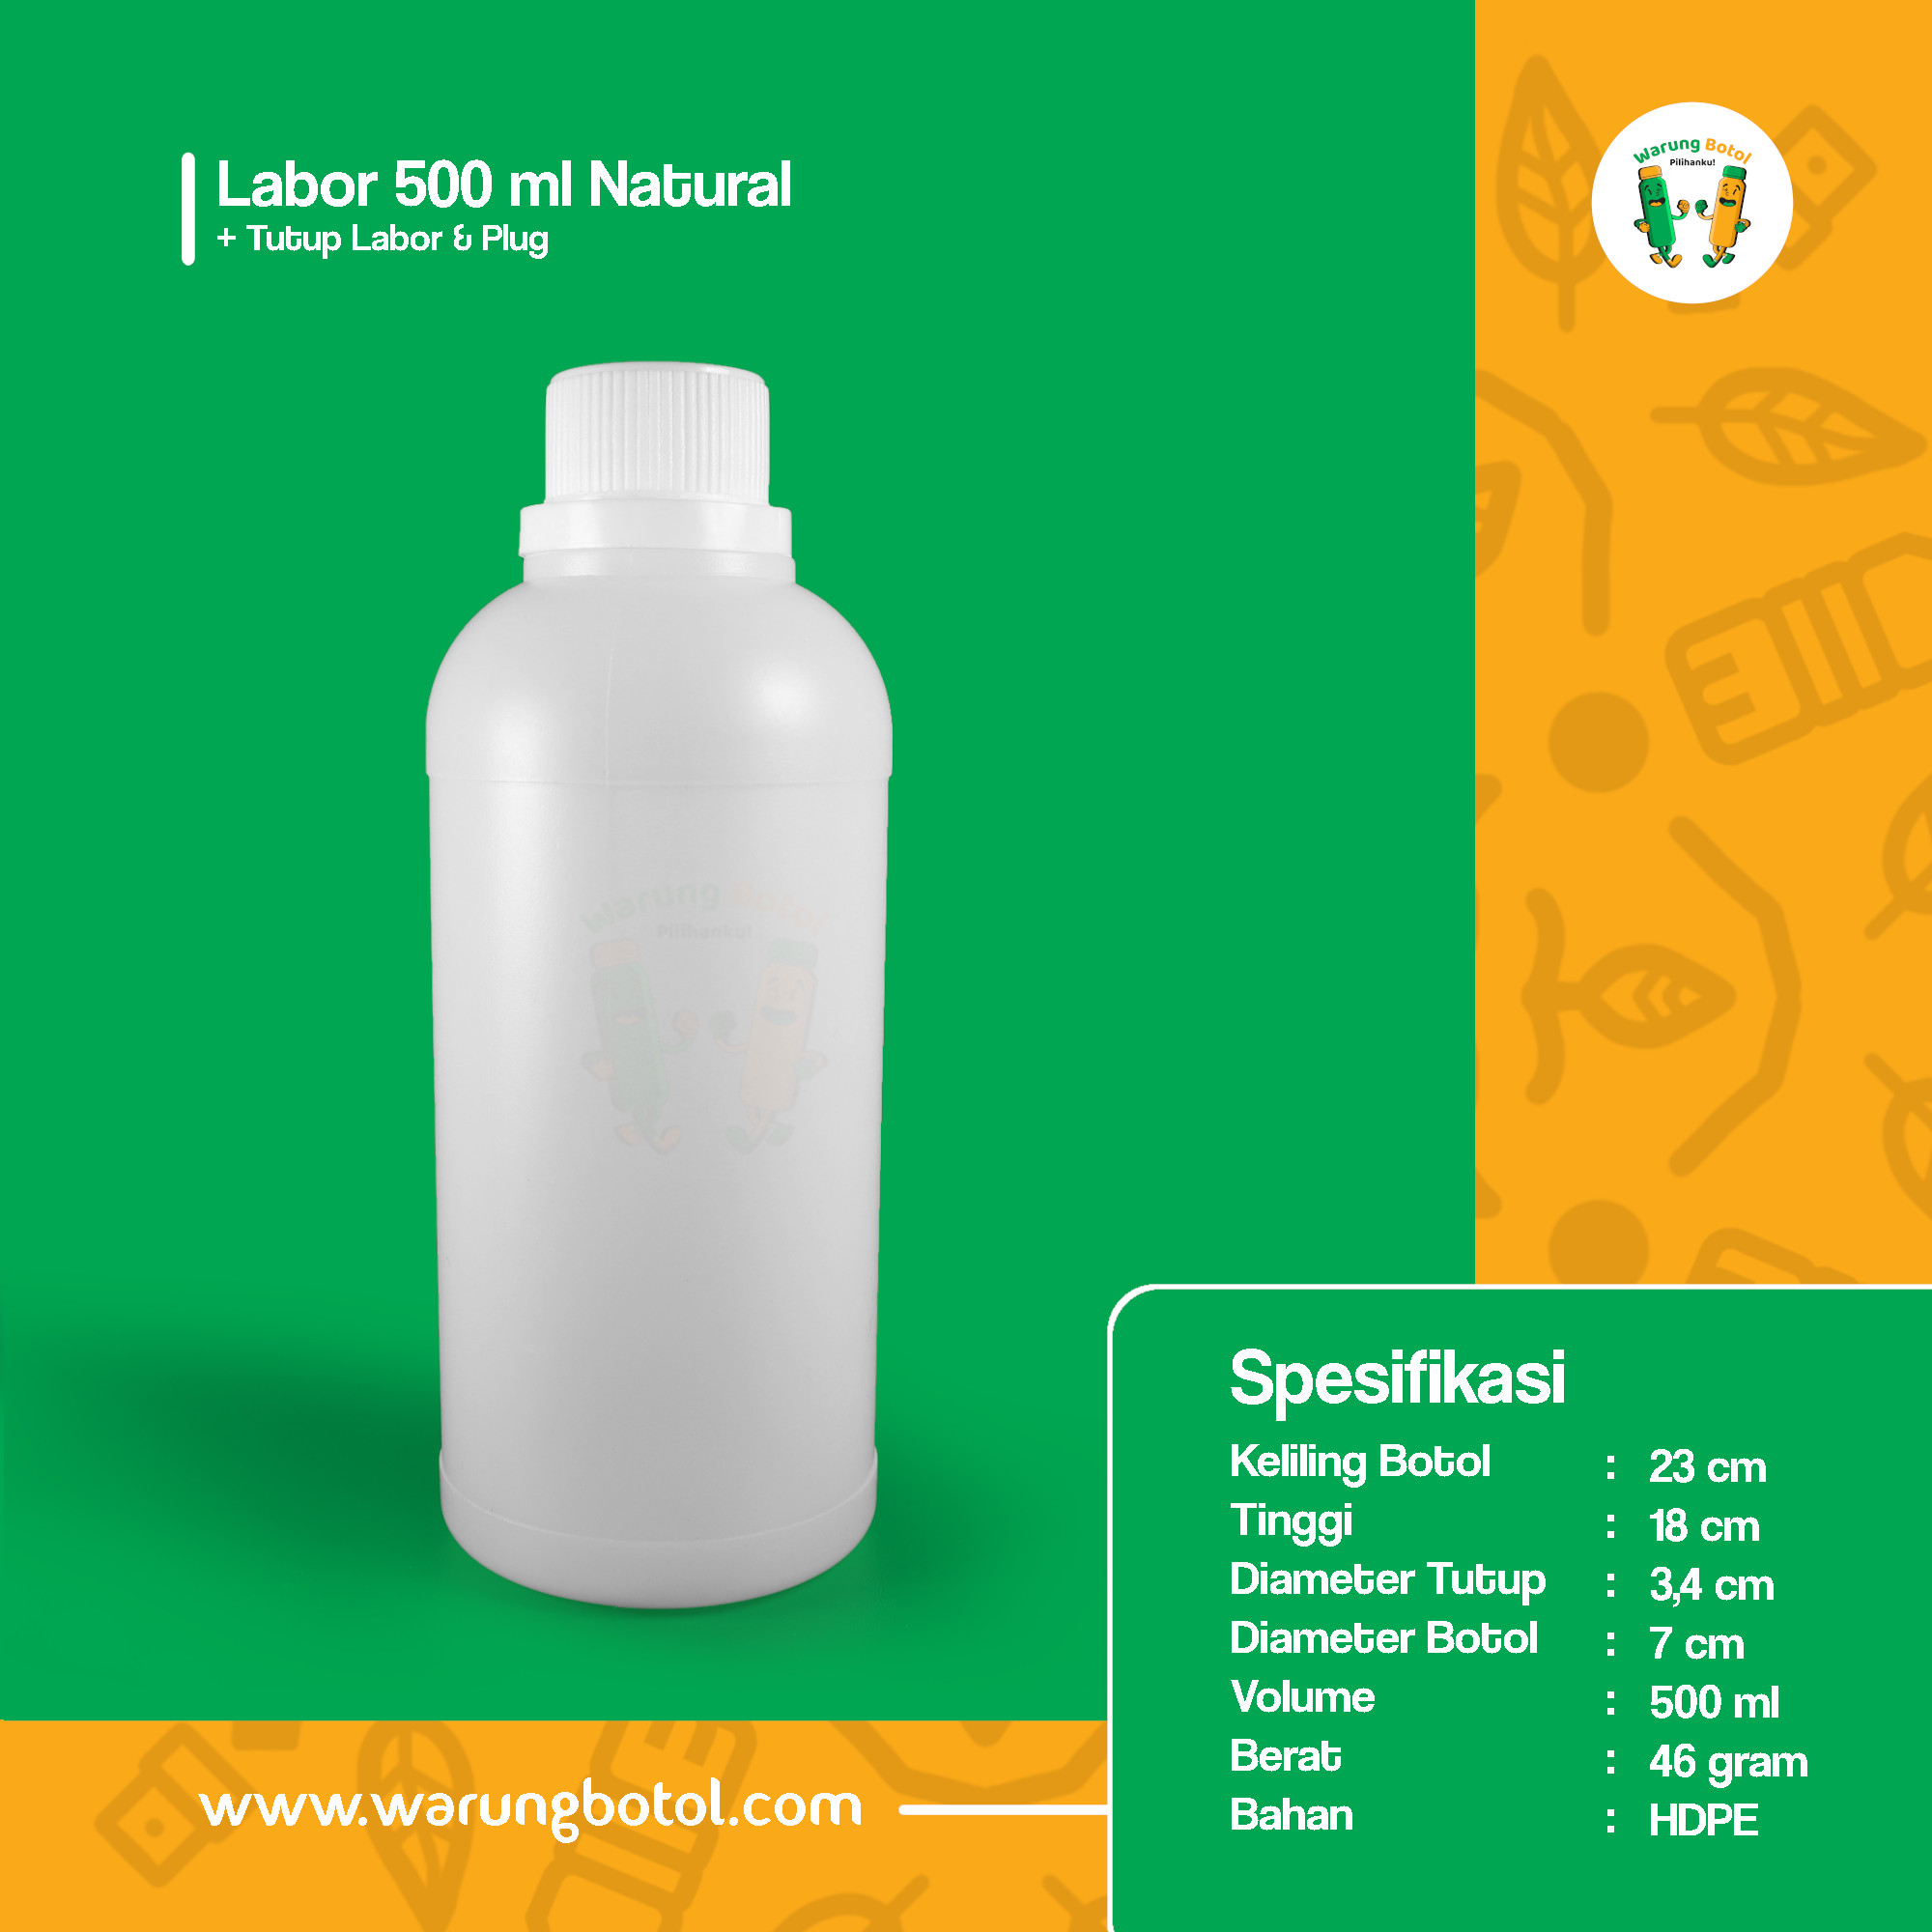 distributor toko jual botol plastik labor untuk bahan kimia 500ml natural murah terdekat bandung jakarta bogor bekasi